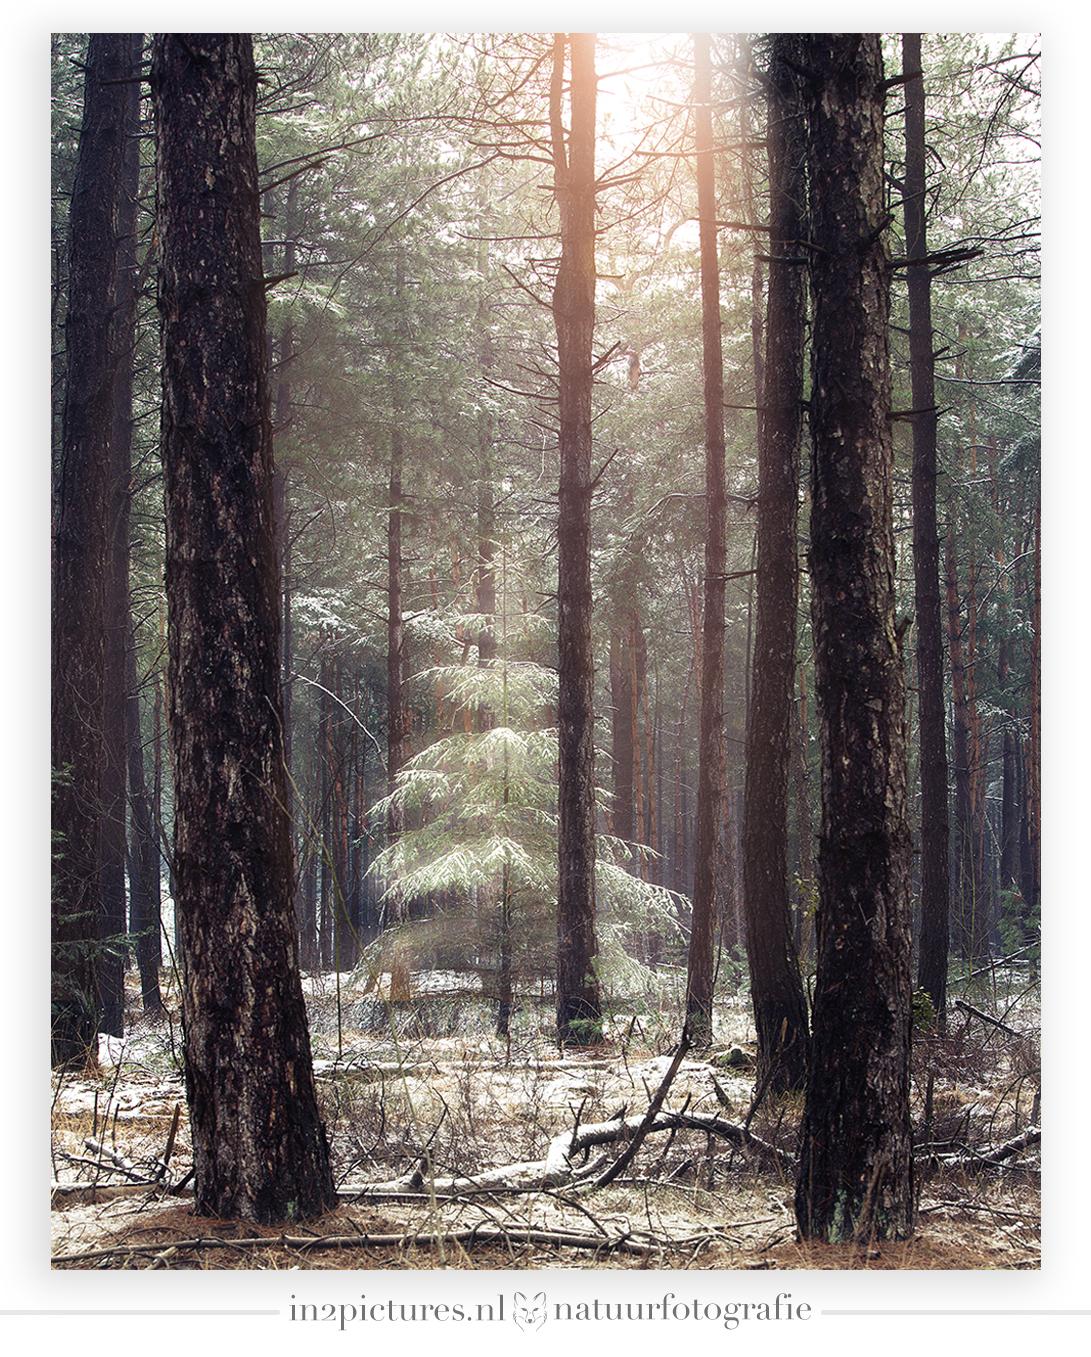 Winter in het Weerterbos - Deze mooie dennenboom stond op een uitzonderlijk mooie plek. Ik was bijna terug bij de auto, de zon kwam al door en de dooi was ingezet. Ineens zag i - foto door in2picturesnature op 28-01-2021 - deze foto bevat: zon, natuur, licht, sneeuw, winter, lichtval, landschap, bos, bomen, dennenboom, weert, weerterbos